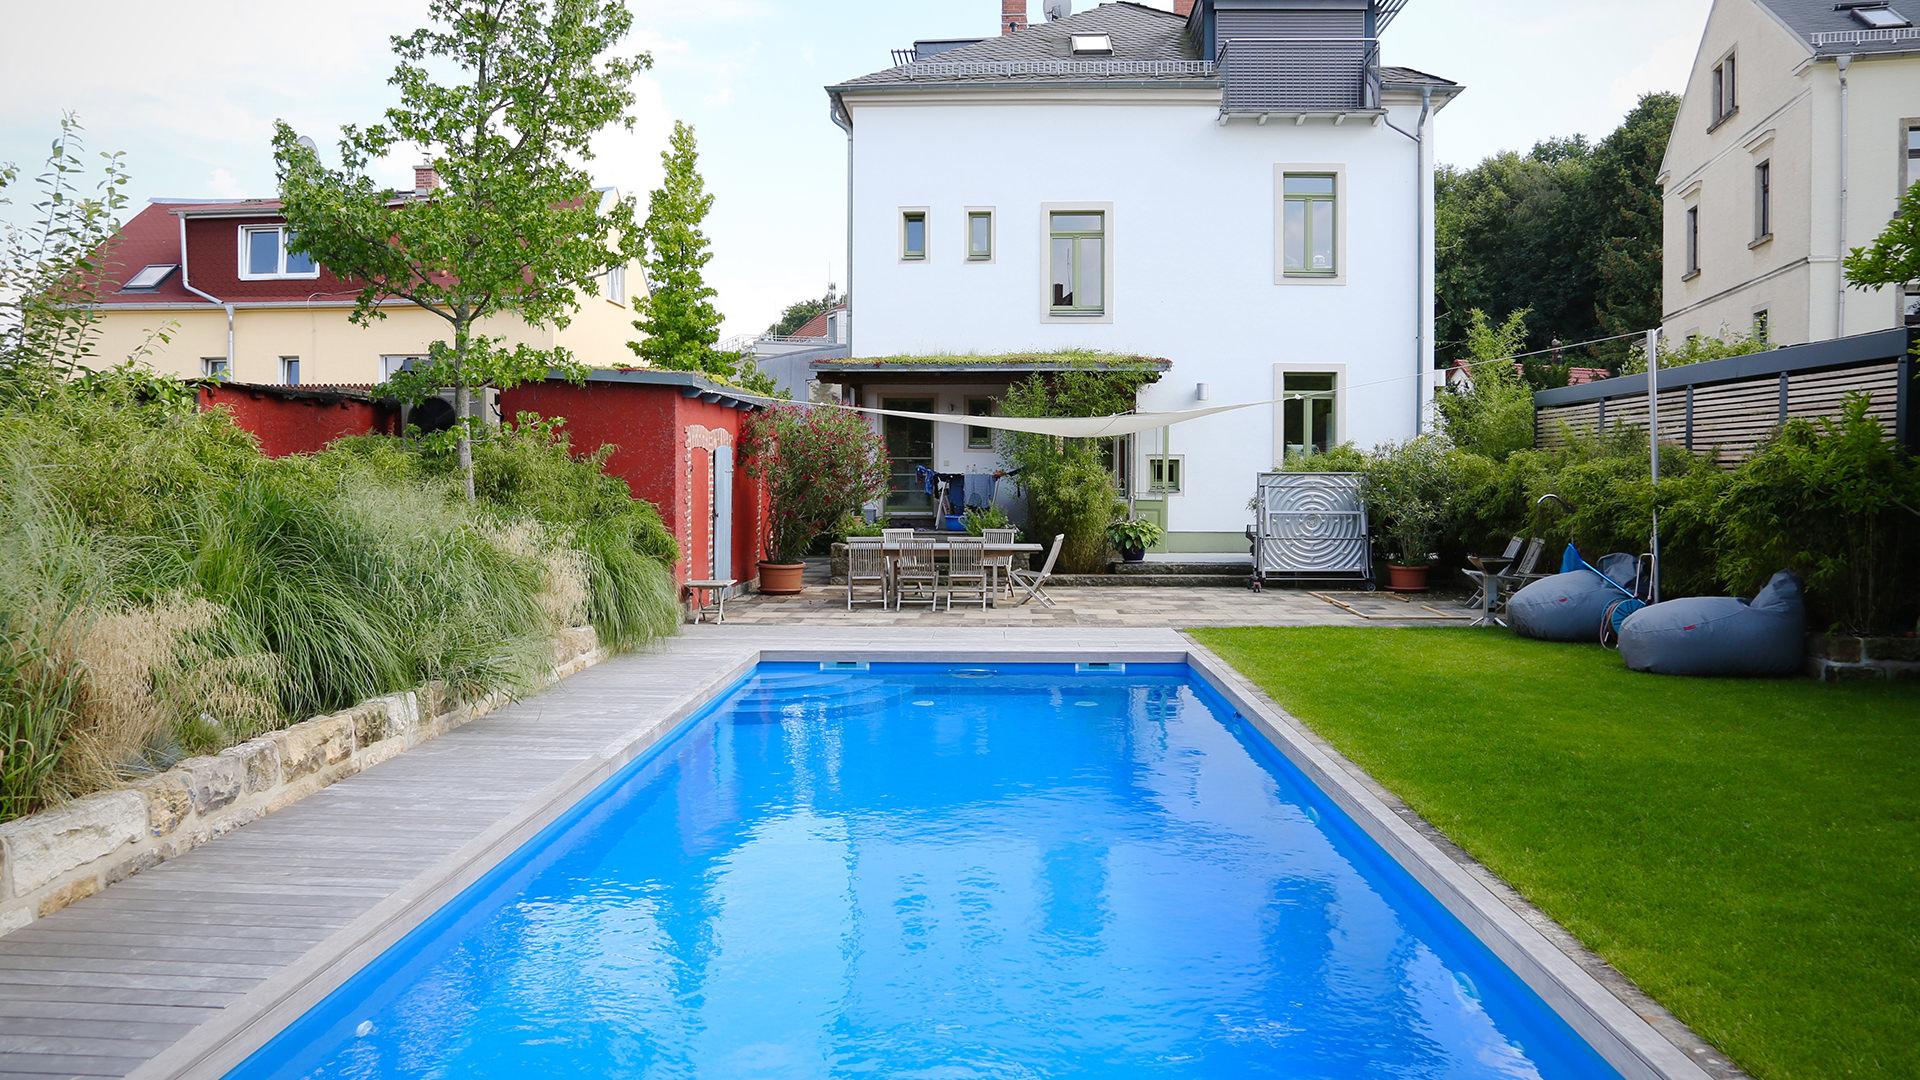 kims-poolbau-startseite-2